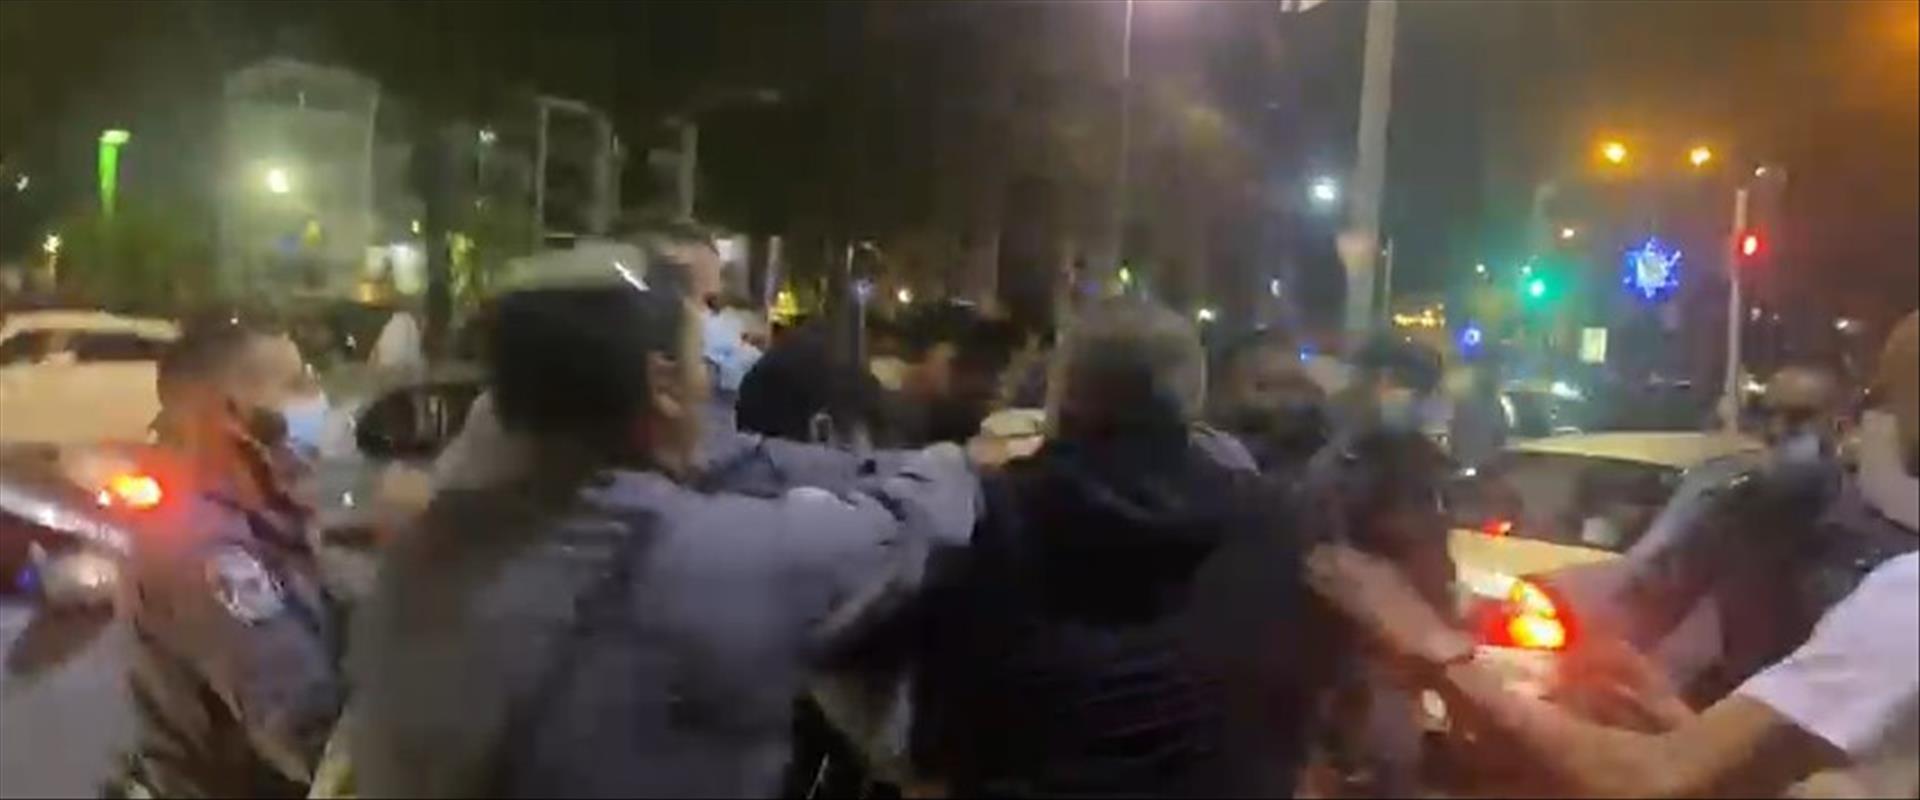 Des Juifs pris à parti par des Arabes dans la ville de Jaffa en Israël